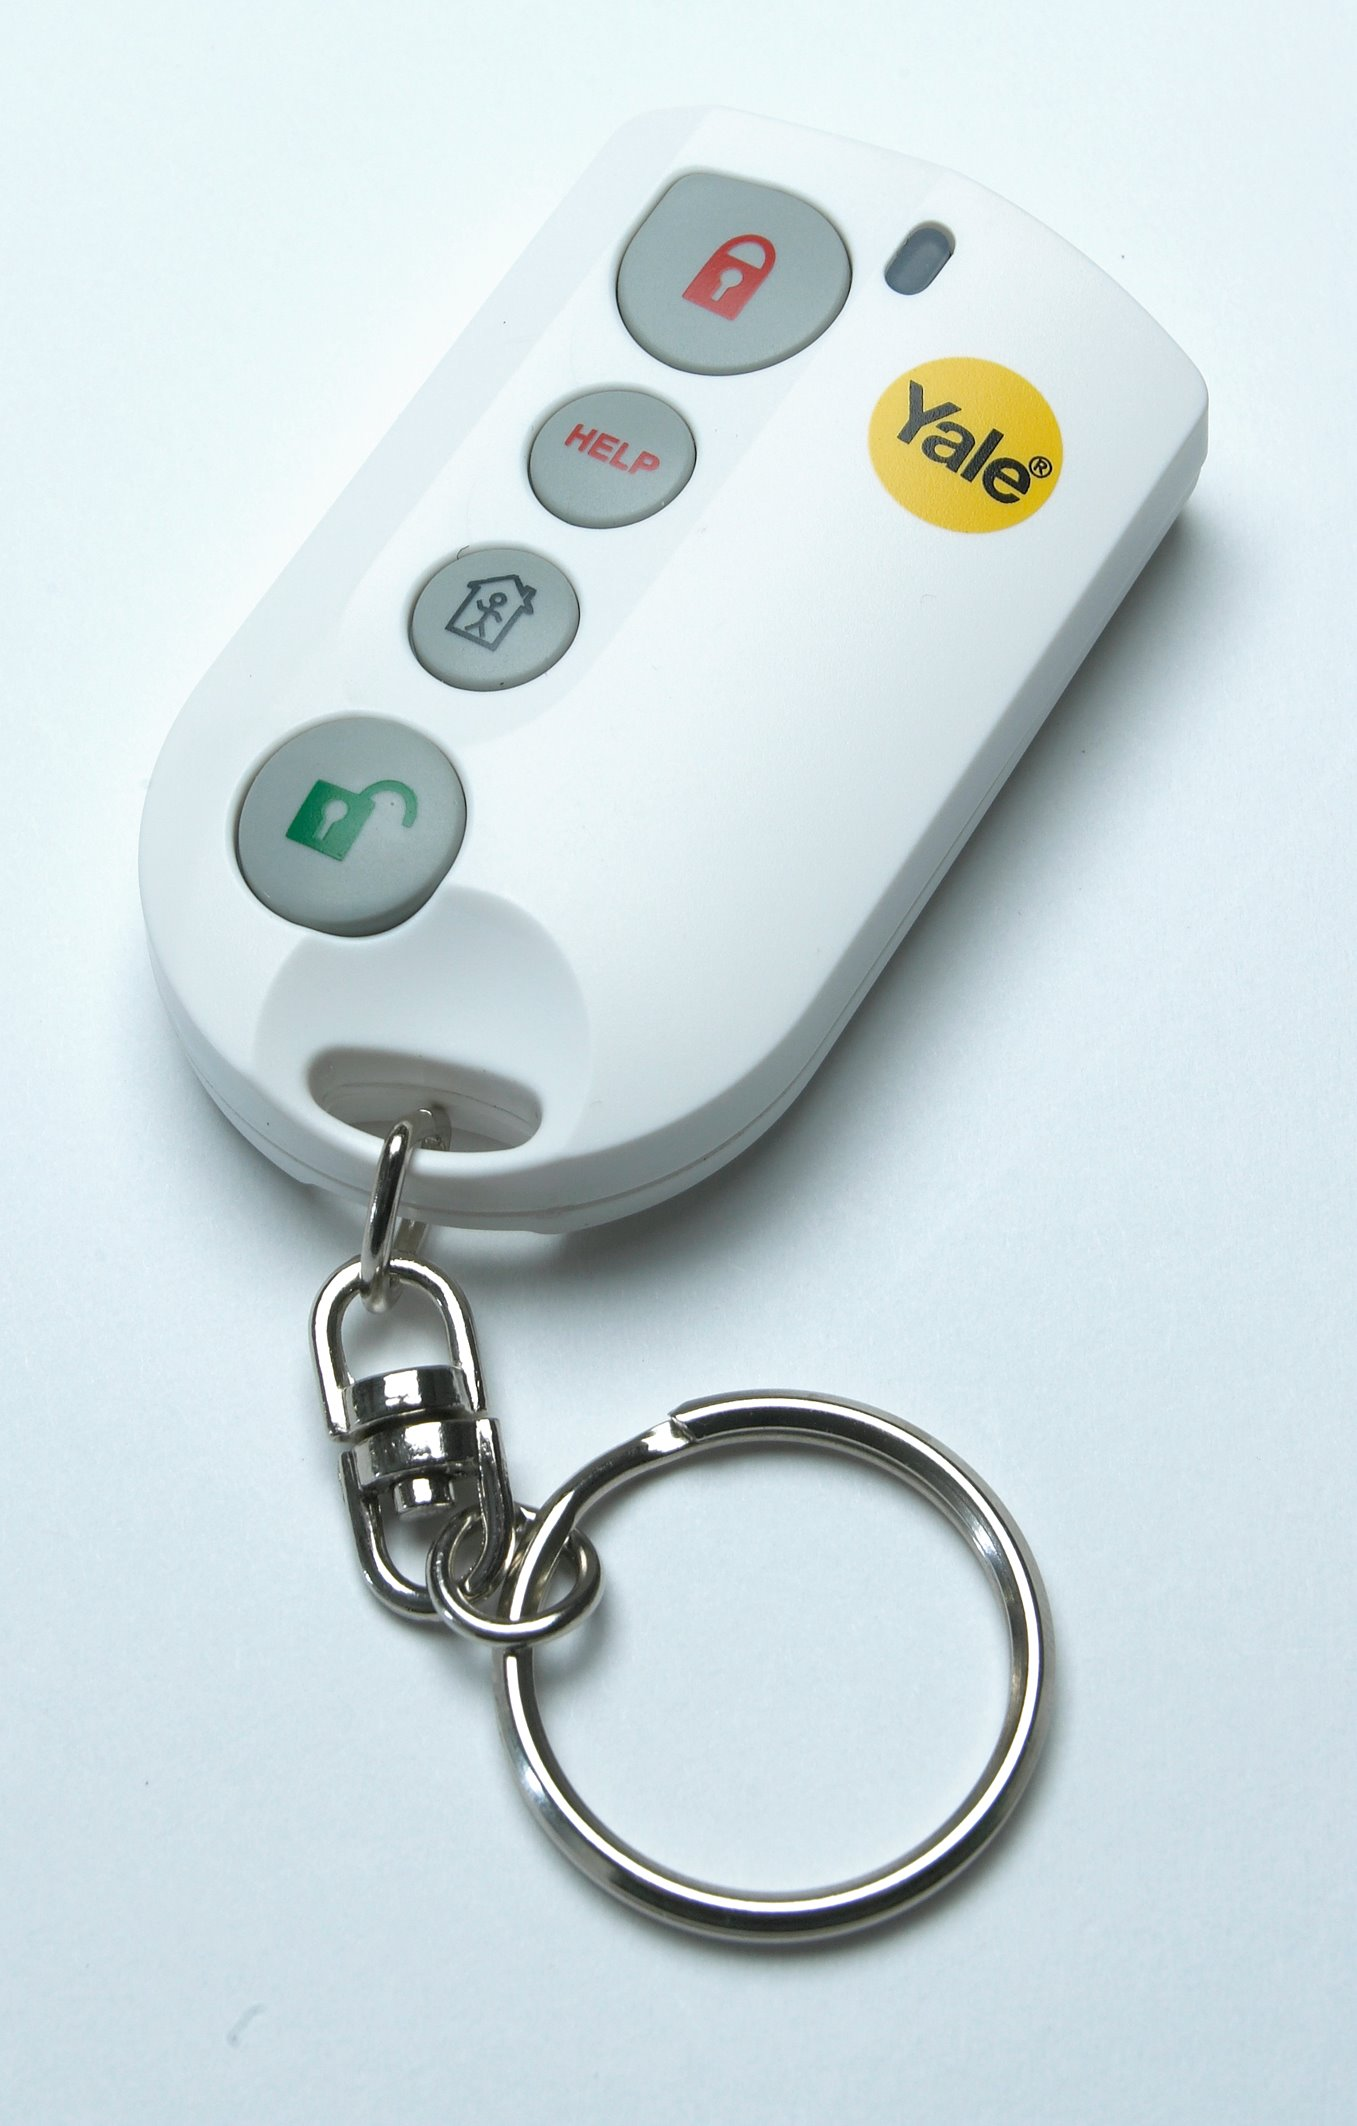 HSA6060 - Remote Control